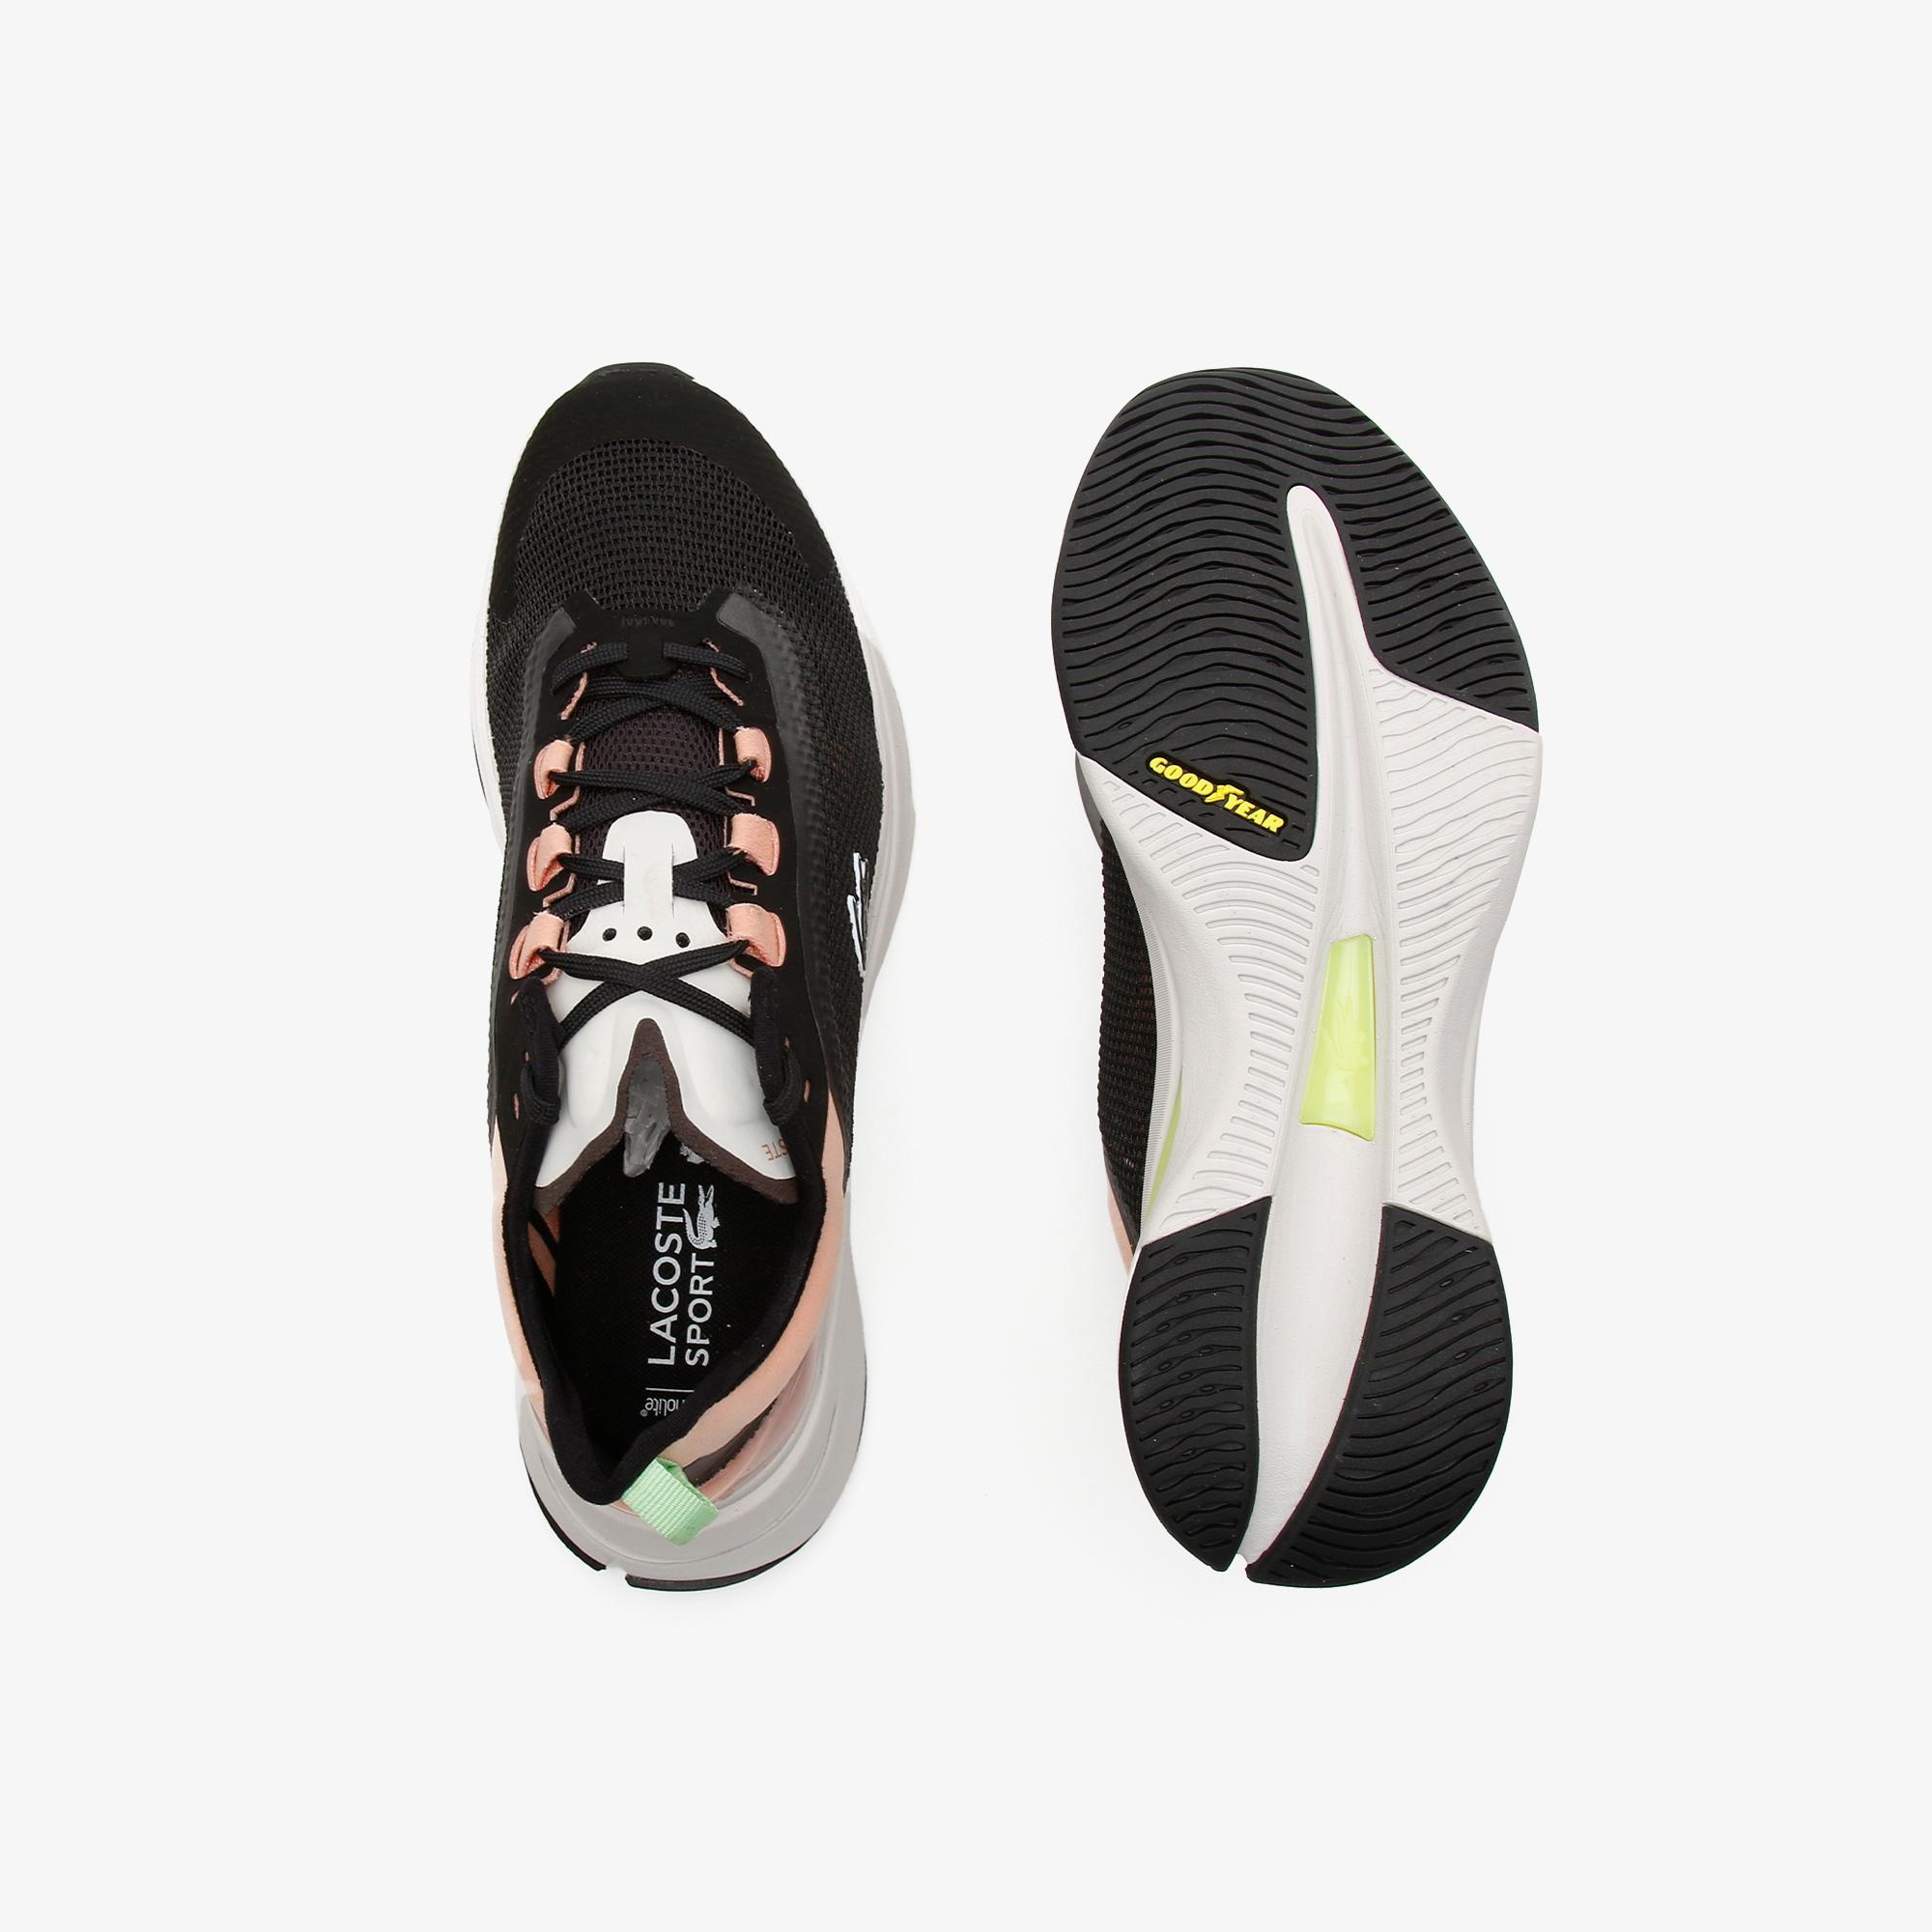 Lacoste Run Spin Ultra 0921 1 Sfa Kadın Deri Pembe - Antrasit Sneaker